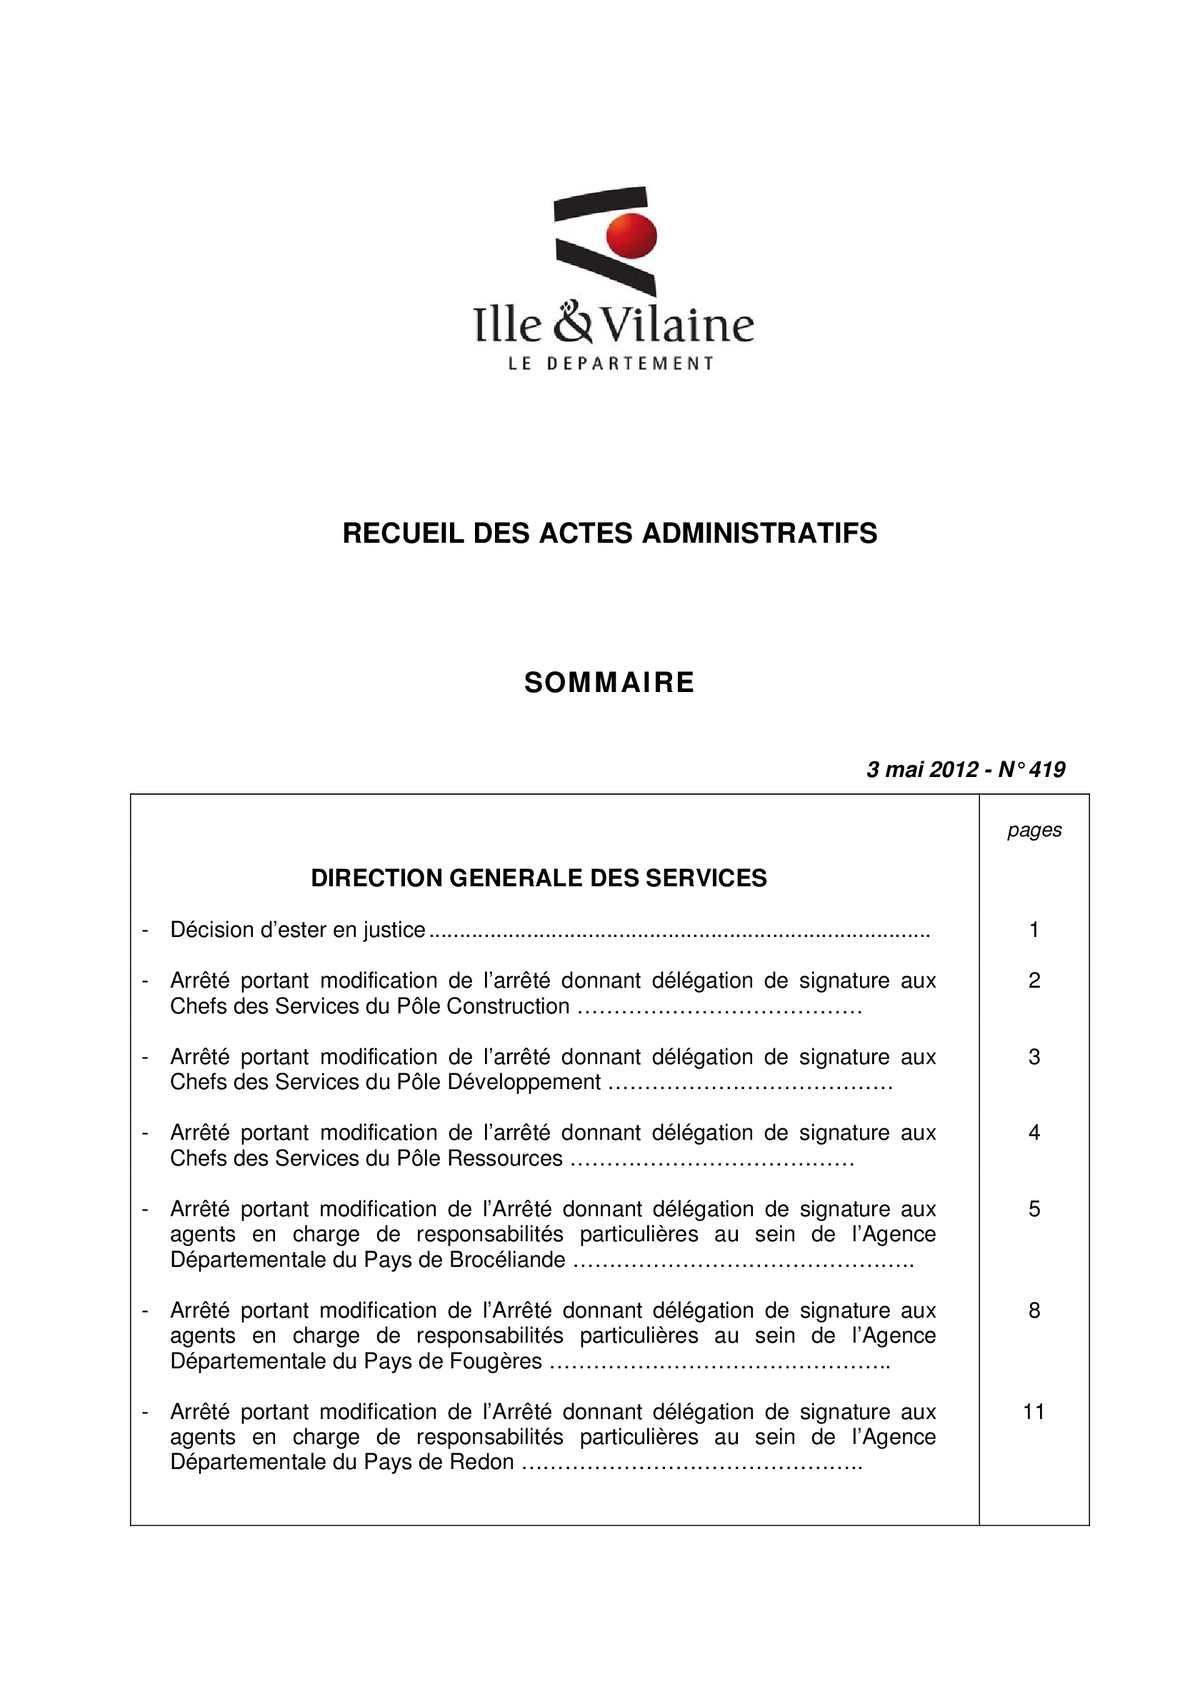 Ille-et-Vilaine - Recueil n° 419 : décisions CP du 23 avril 2012 + arrêtés